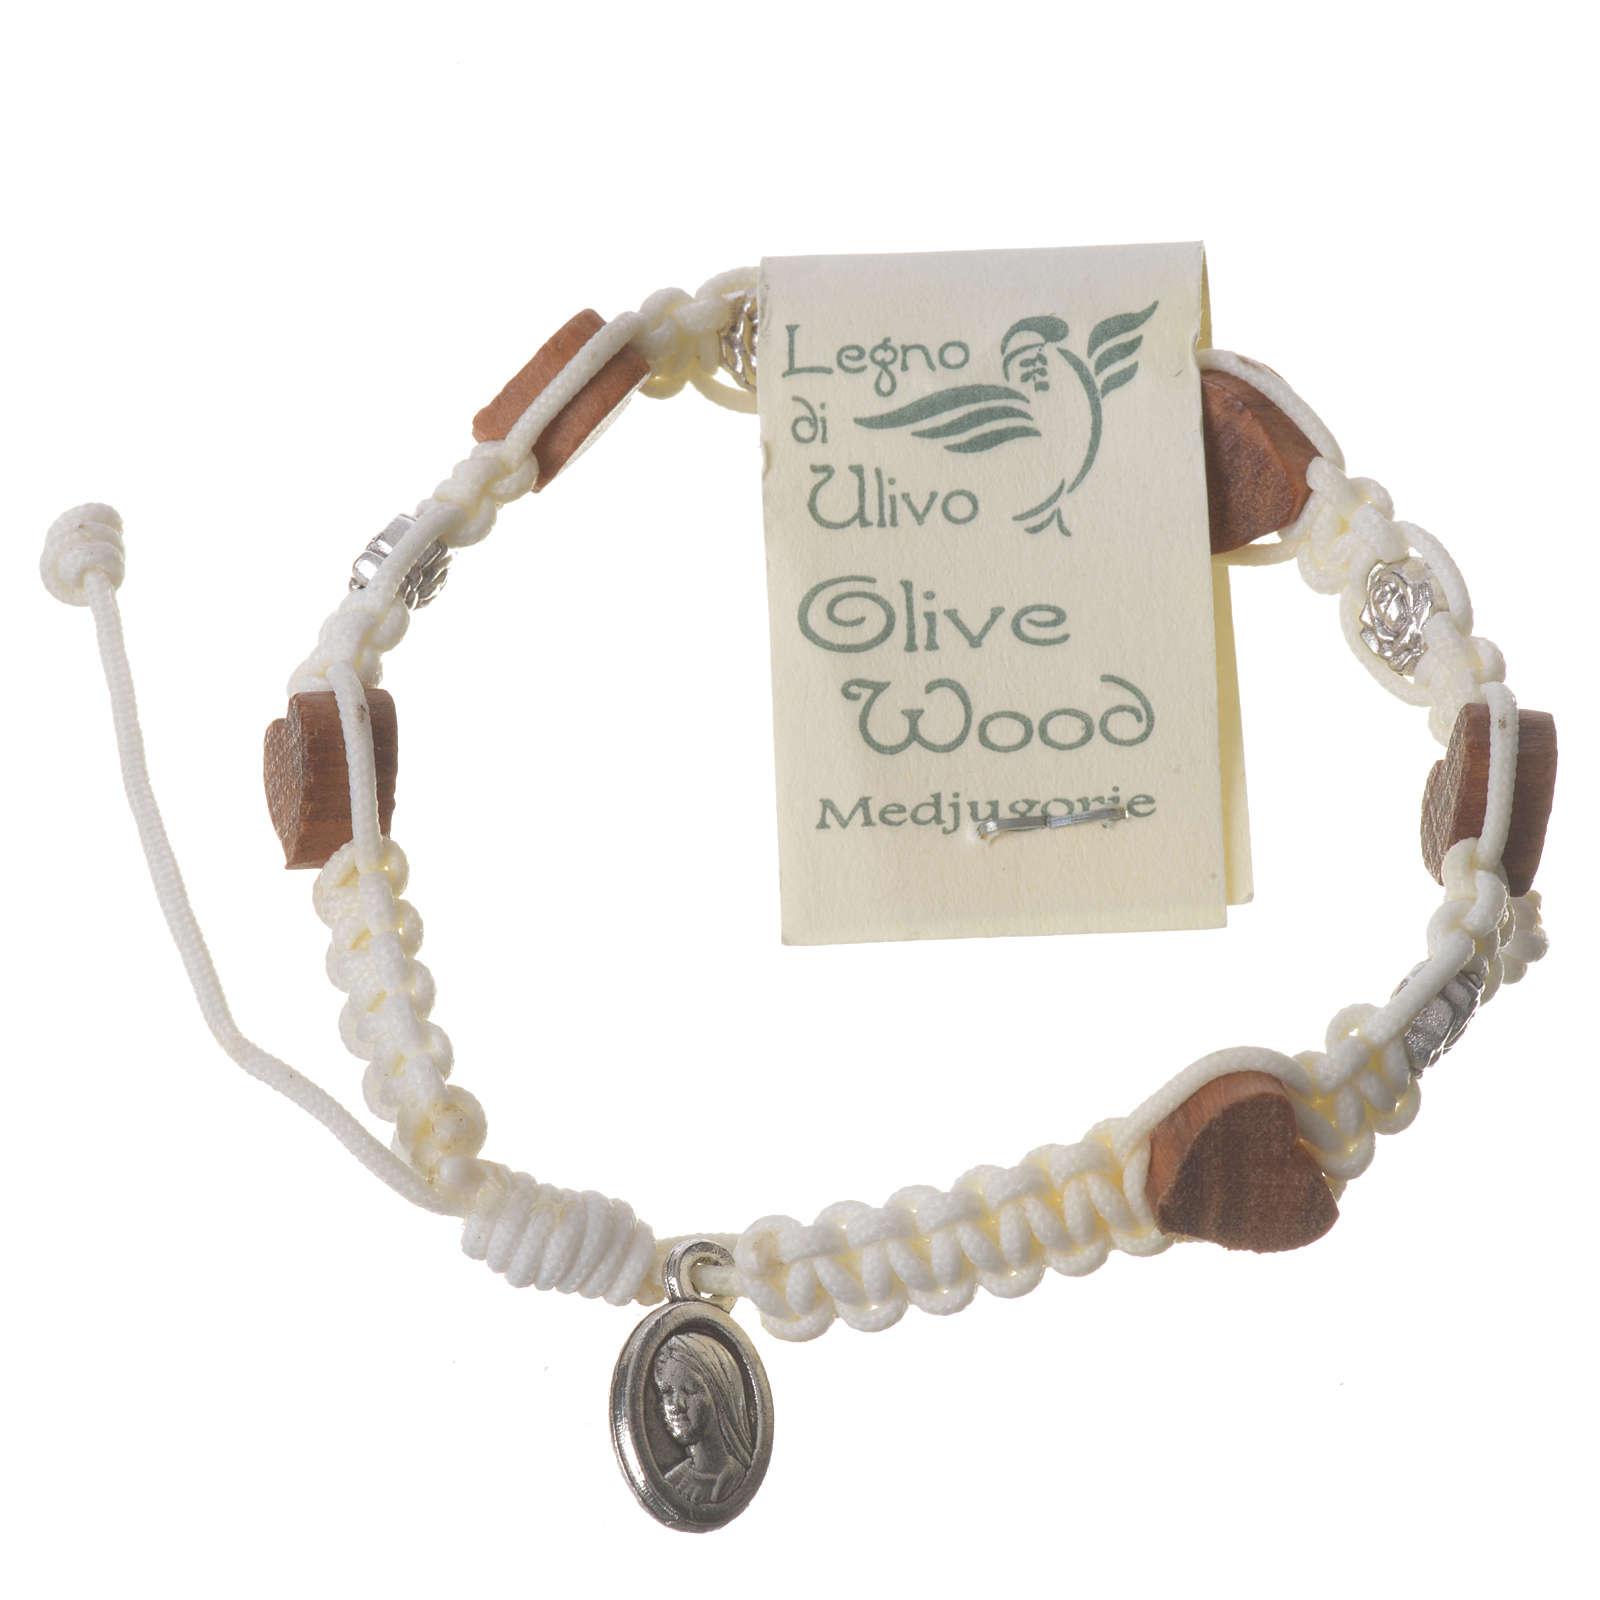 Bracciale Medjugorje olivo rosellina corda bianca 4